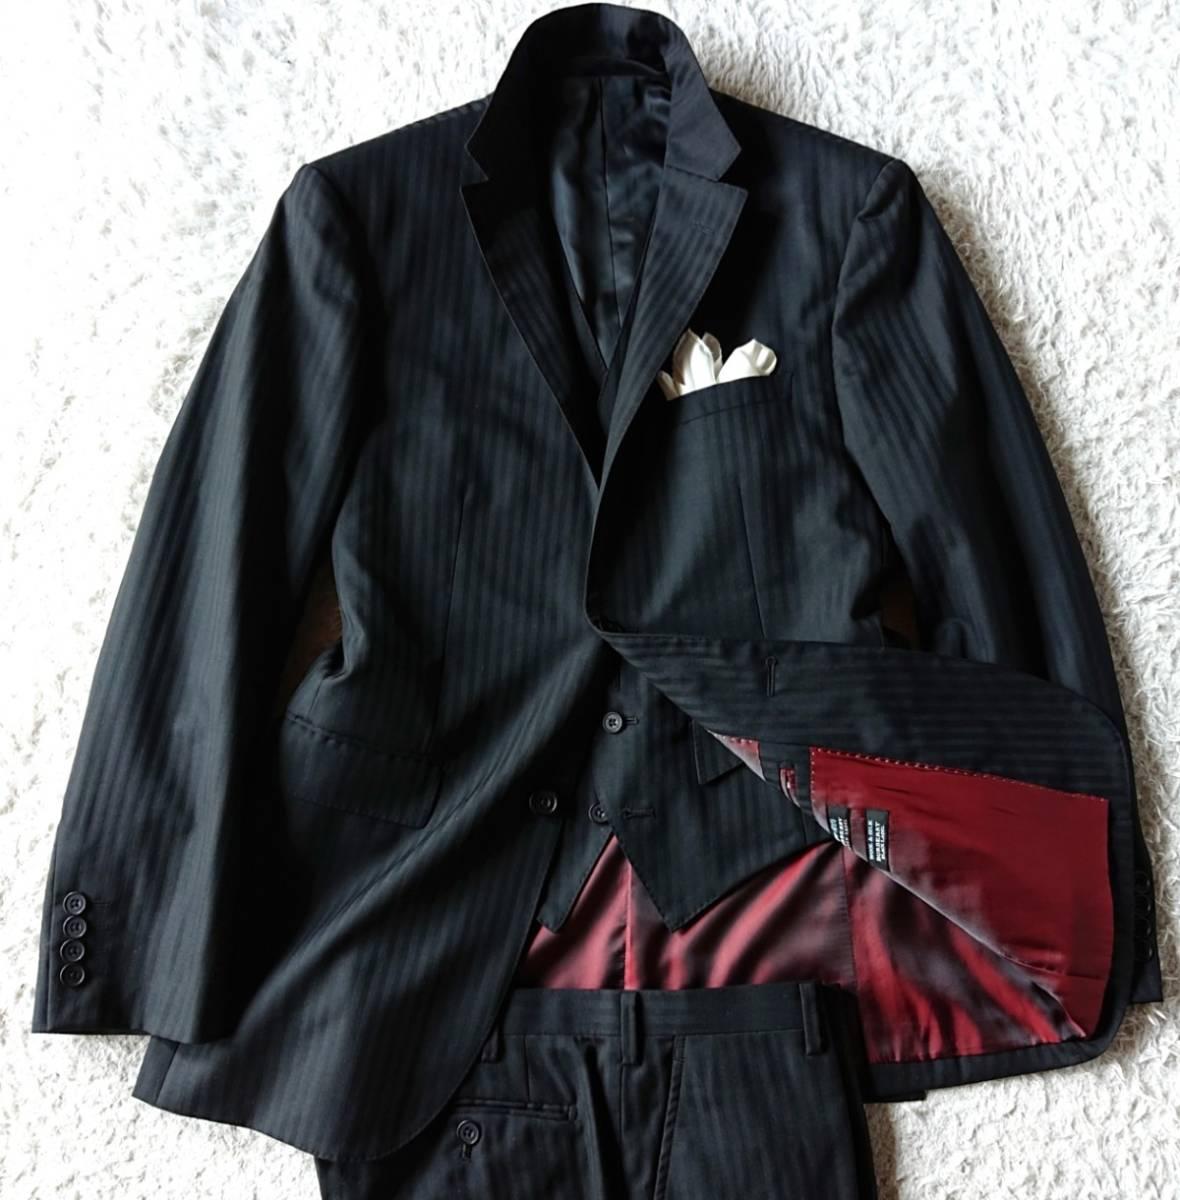 激レア希少 大人気赤 BURBERRY BLACK LABEL ★ シルク混 スリーピース バーバリー ブラック レーベル スーツ セットアップ メンズ ブラック